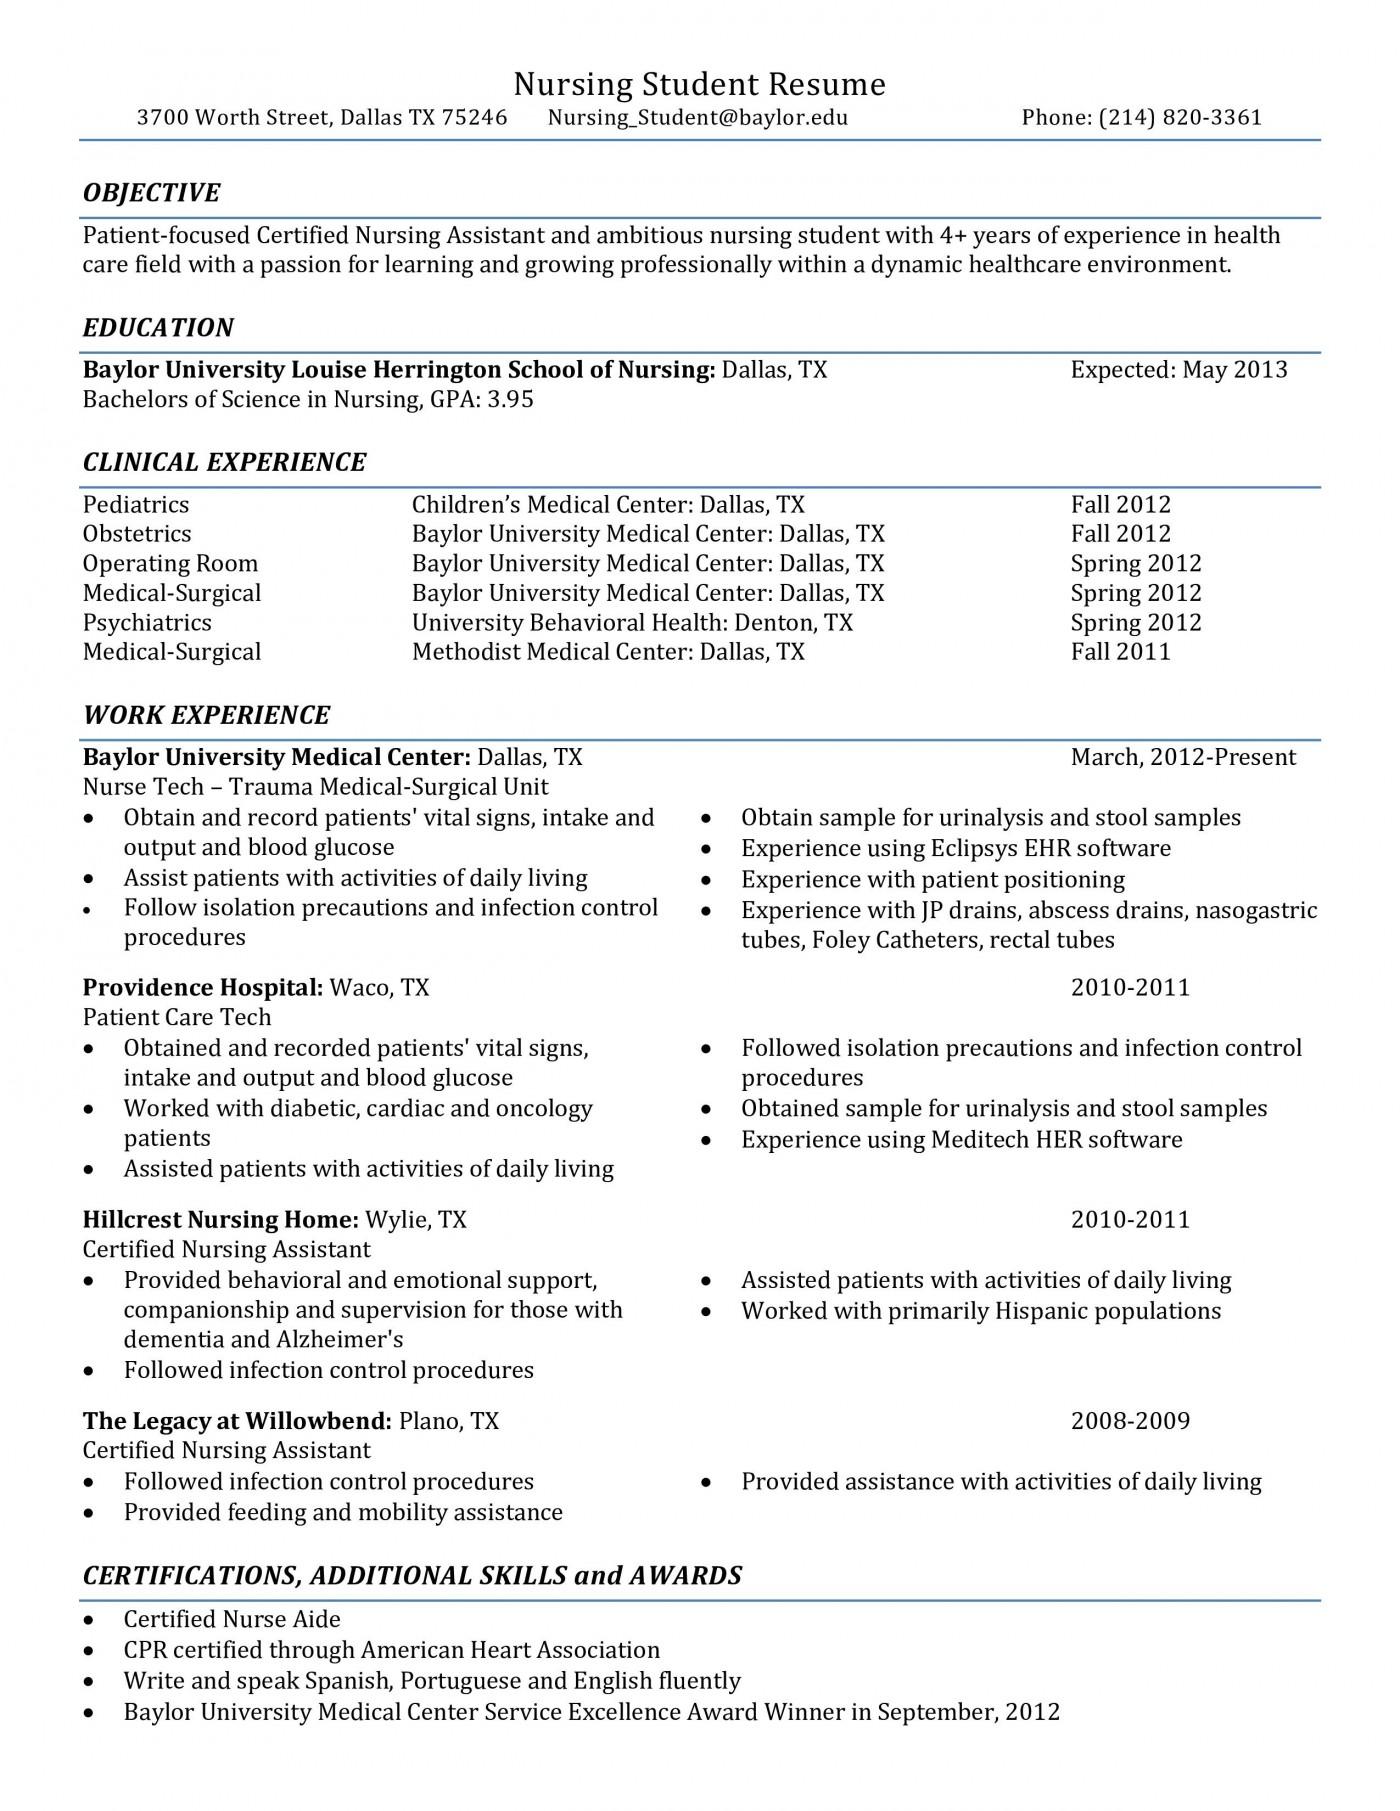 001 Rare Nursing Student Resume Template Example  Free Word1400